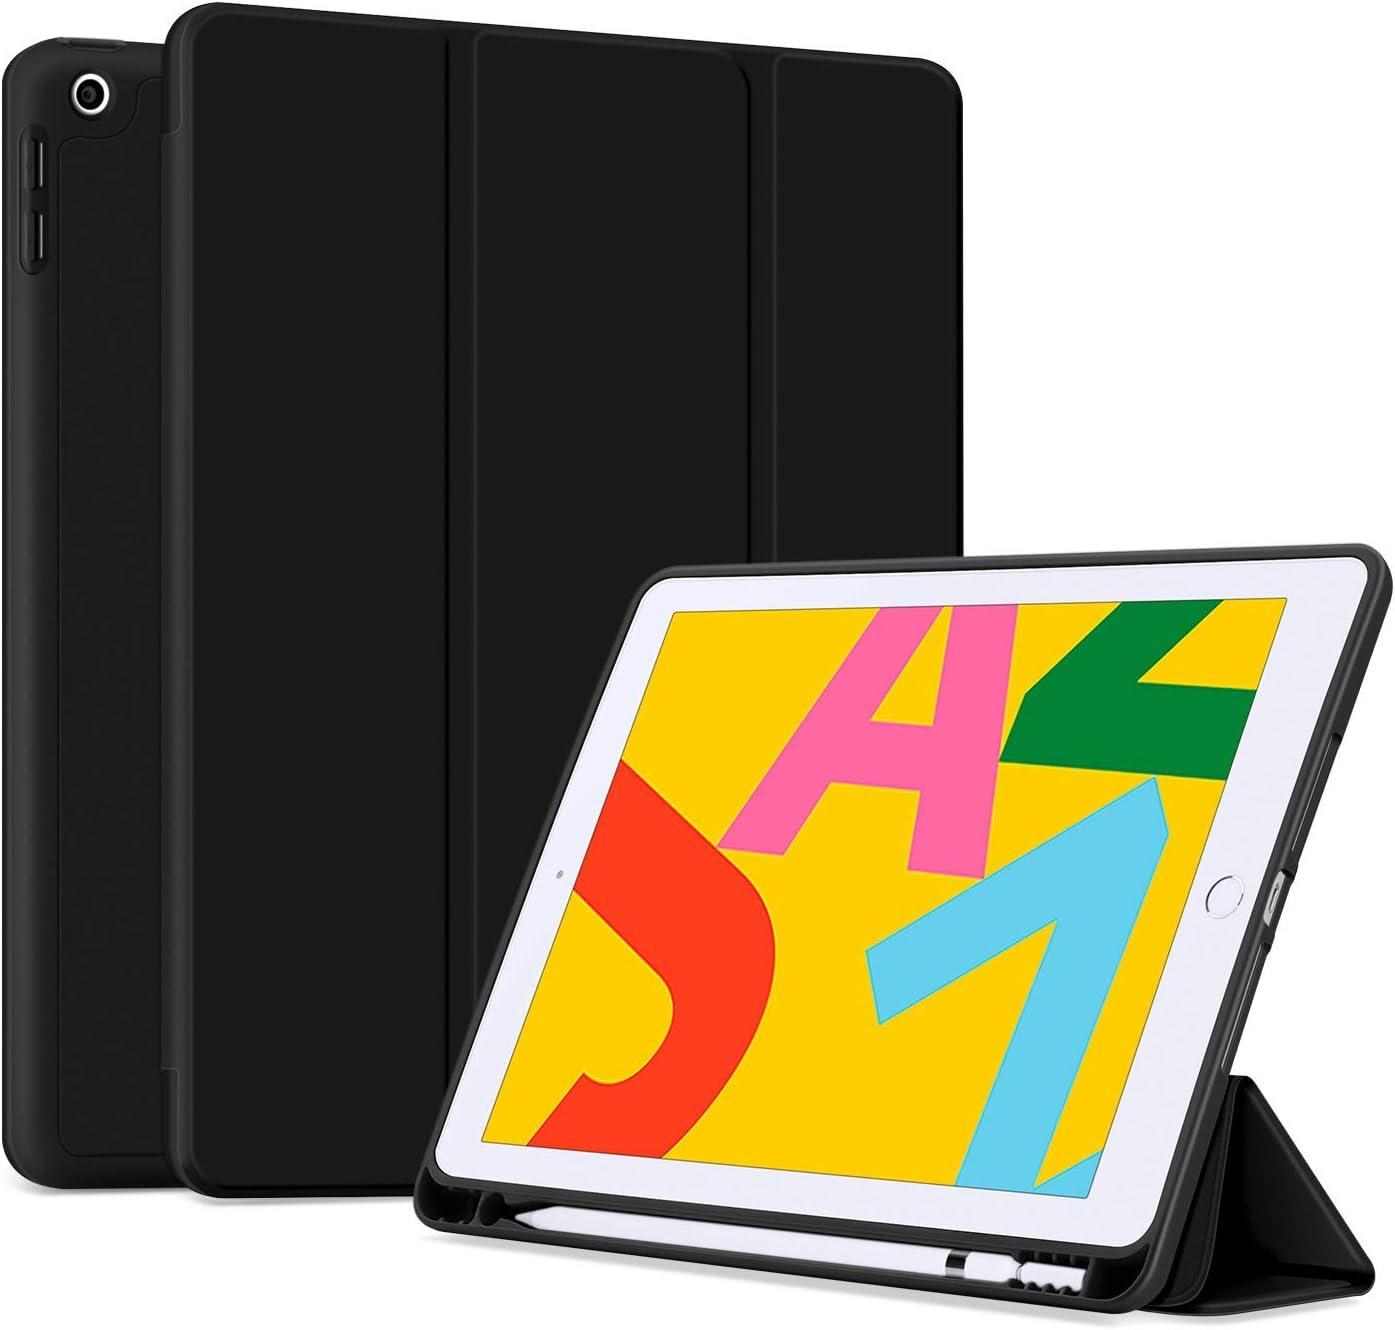 Funda iPad 10.2 8th Gen 2020/7th Gen 2019, negra, pen holder